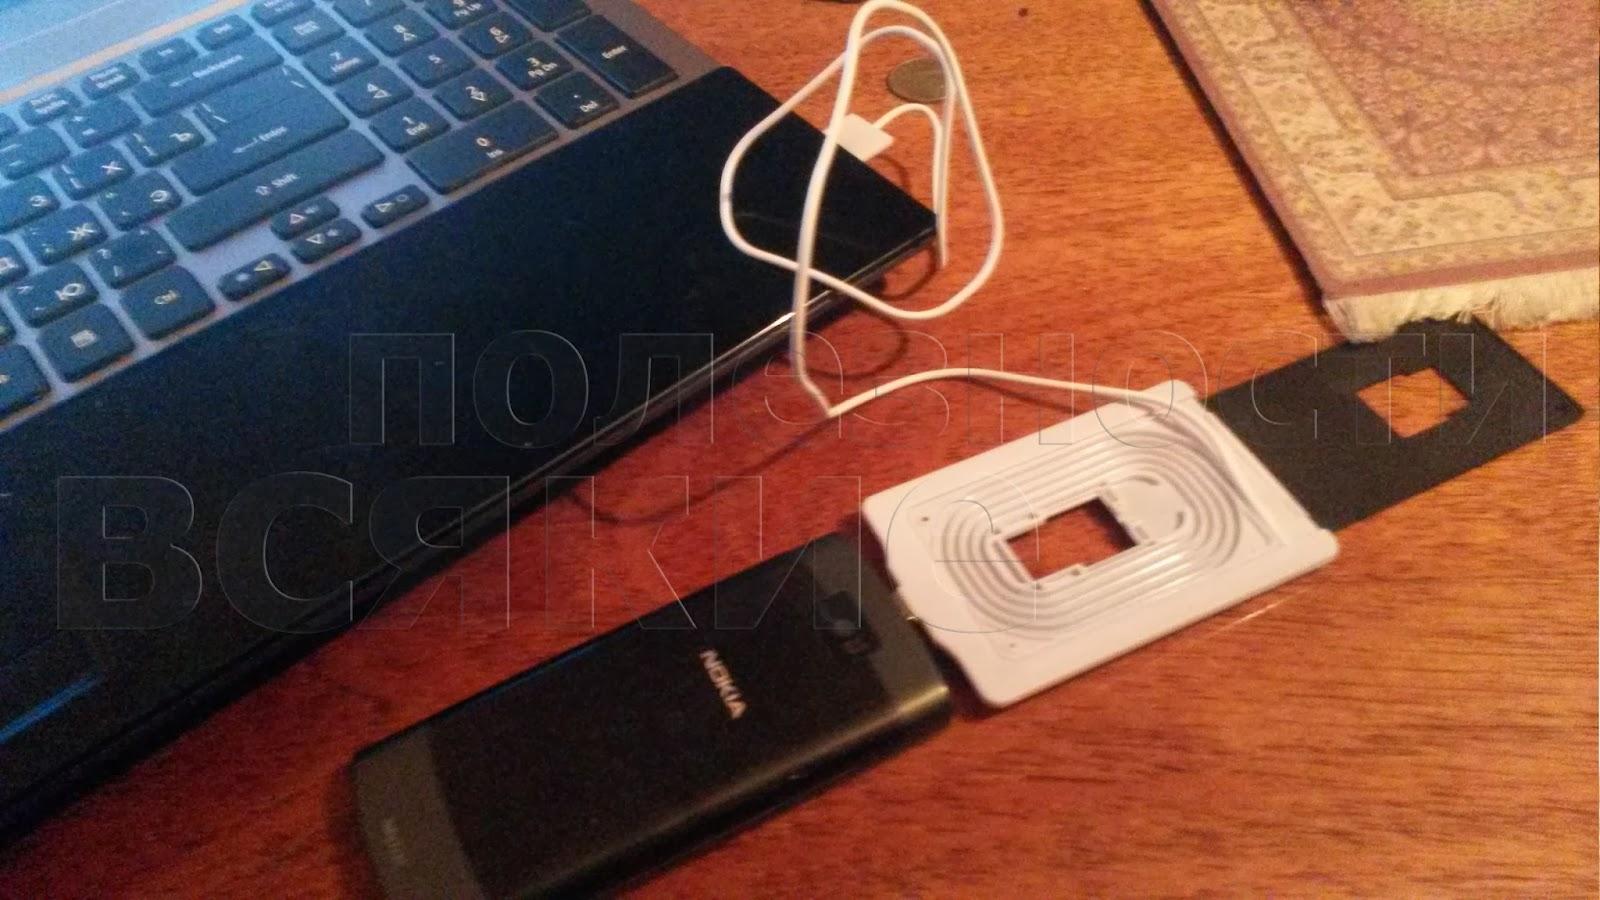 схема подключения кабеля USB - micri USB к телефону нокиа